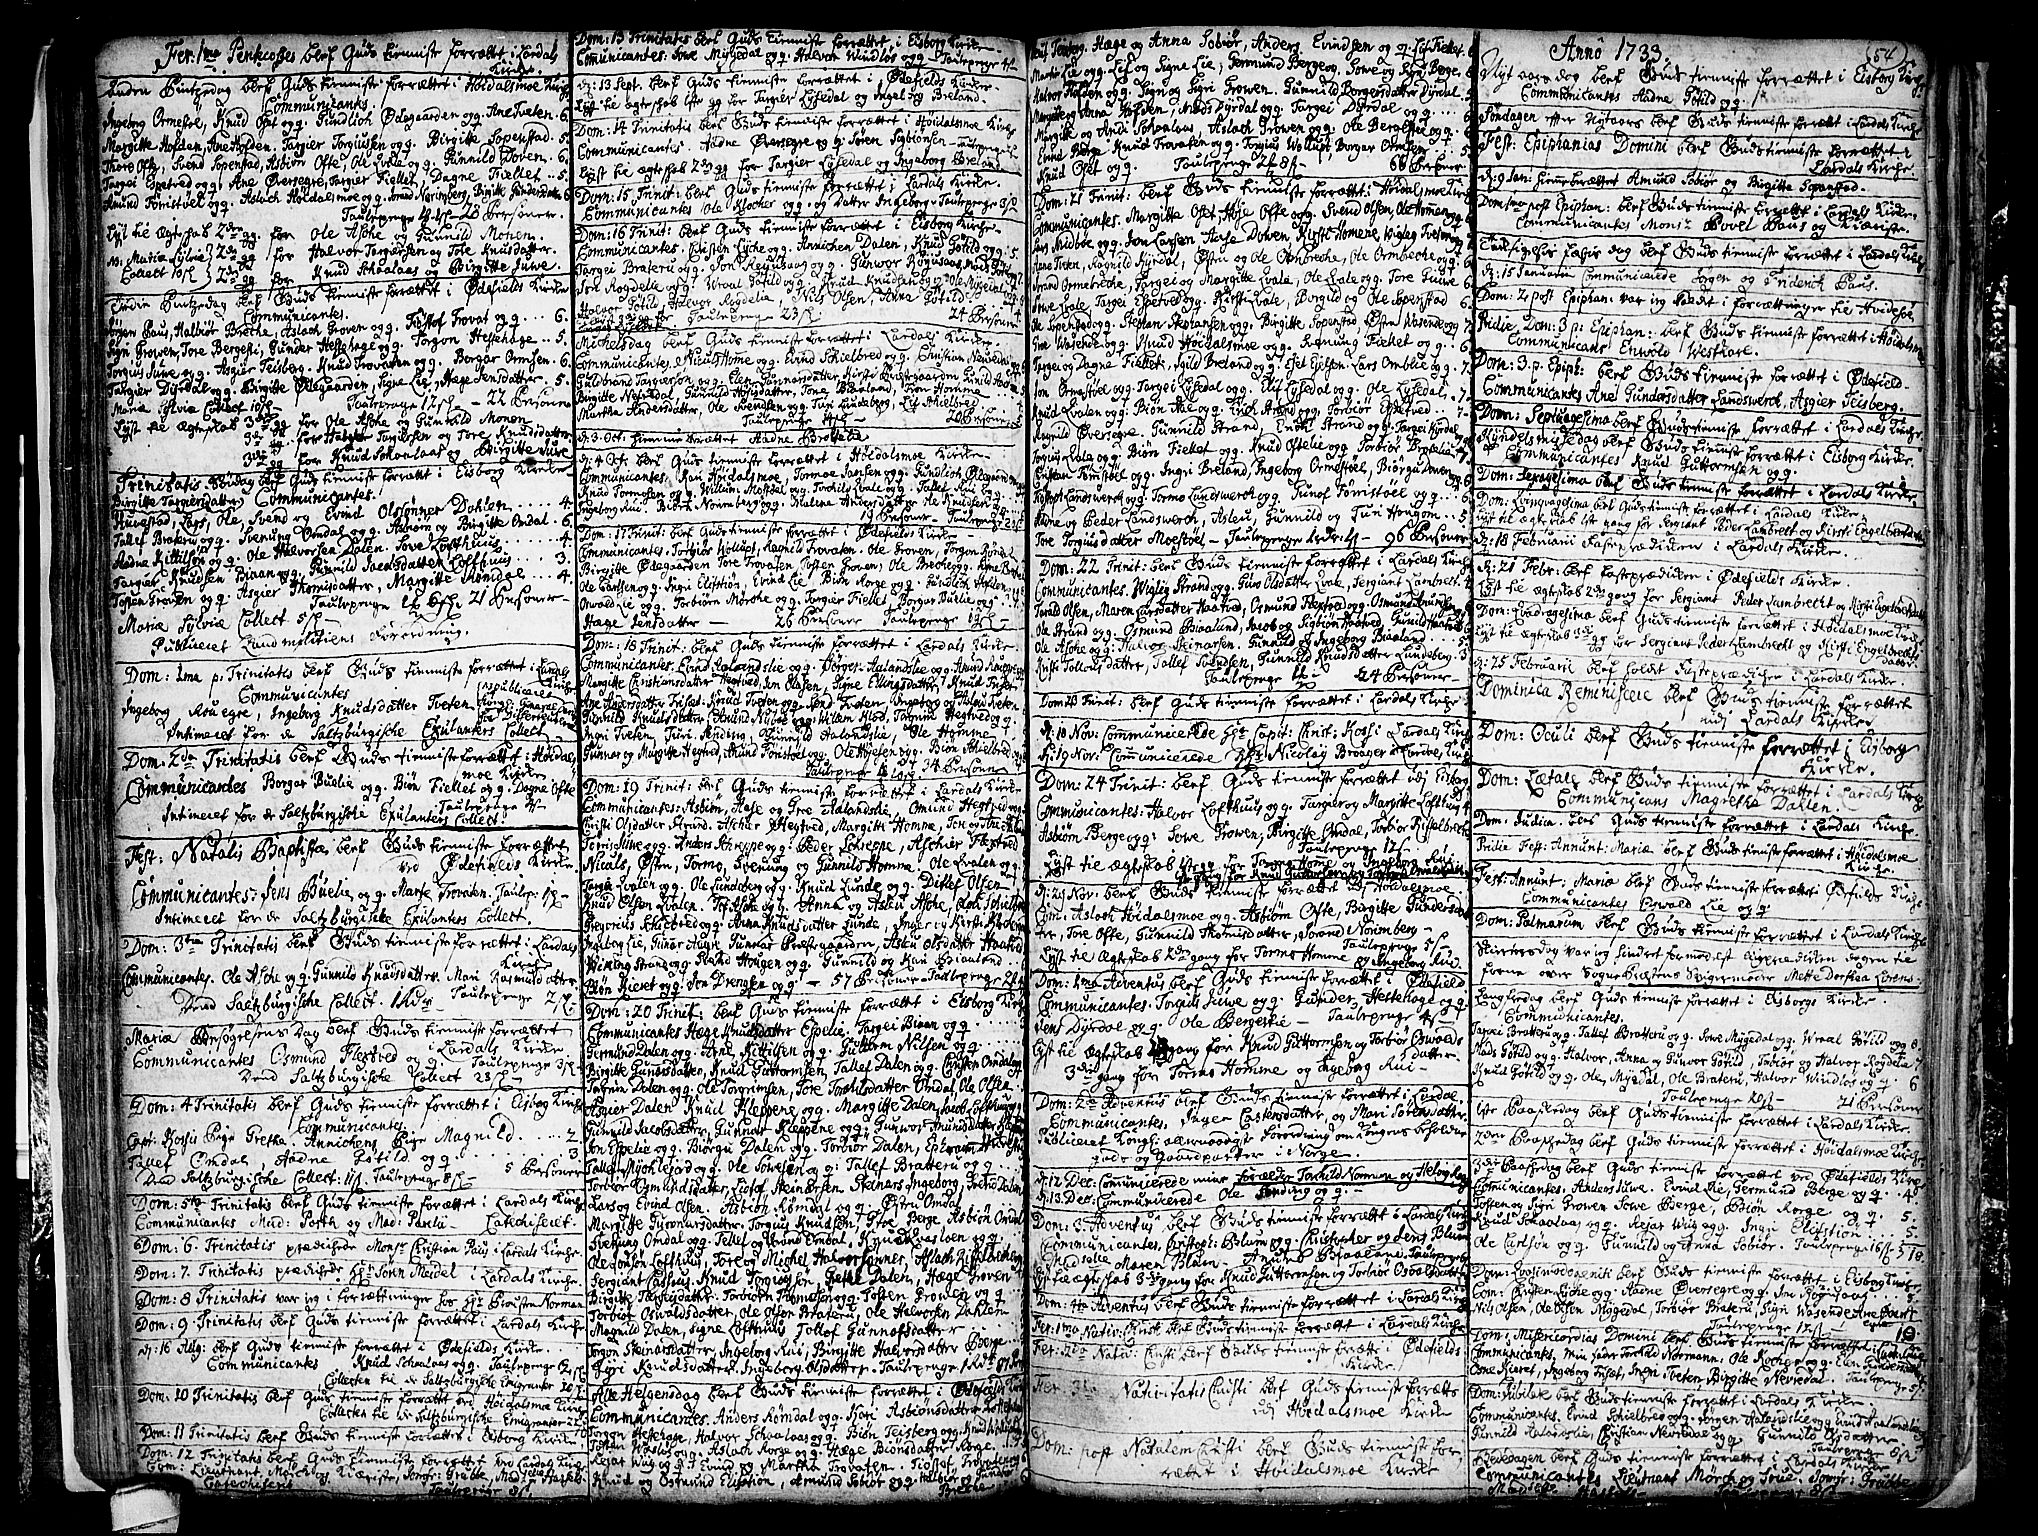 SAKO, Lårdal kirkebøker, F/Fa/L0001: Ministerialbok nr. I 1, 1721-1734, s. 54